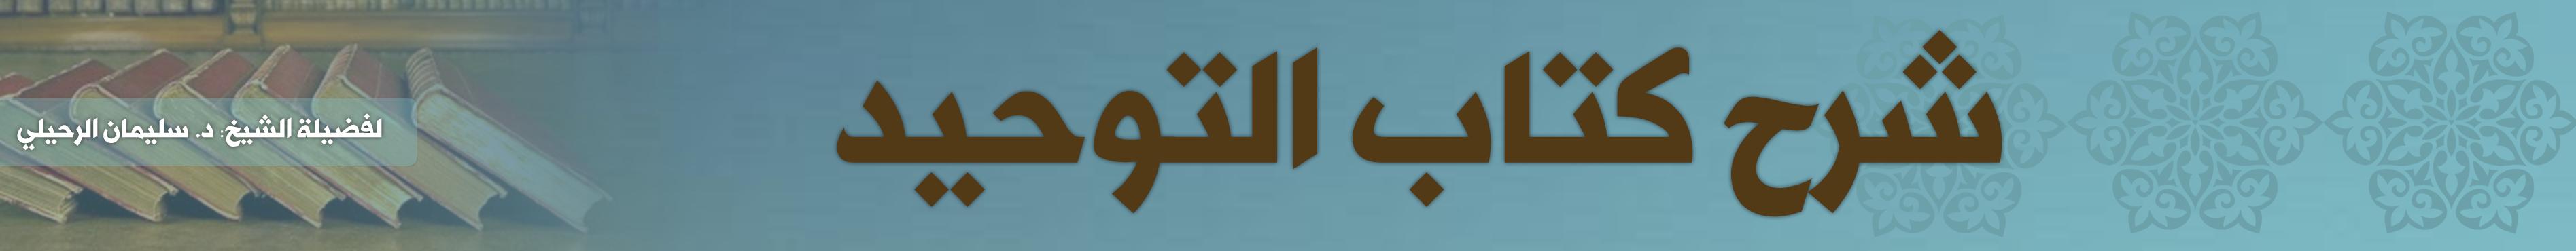 شرح كتاب التوحيد للشيخ سليمان الرحيلي